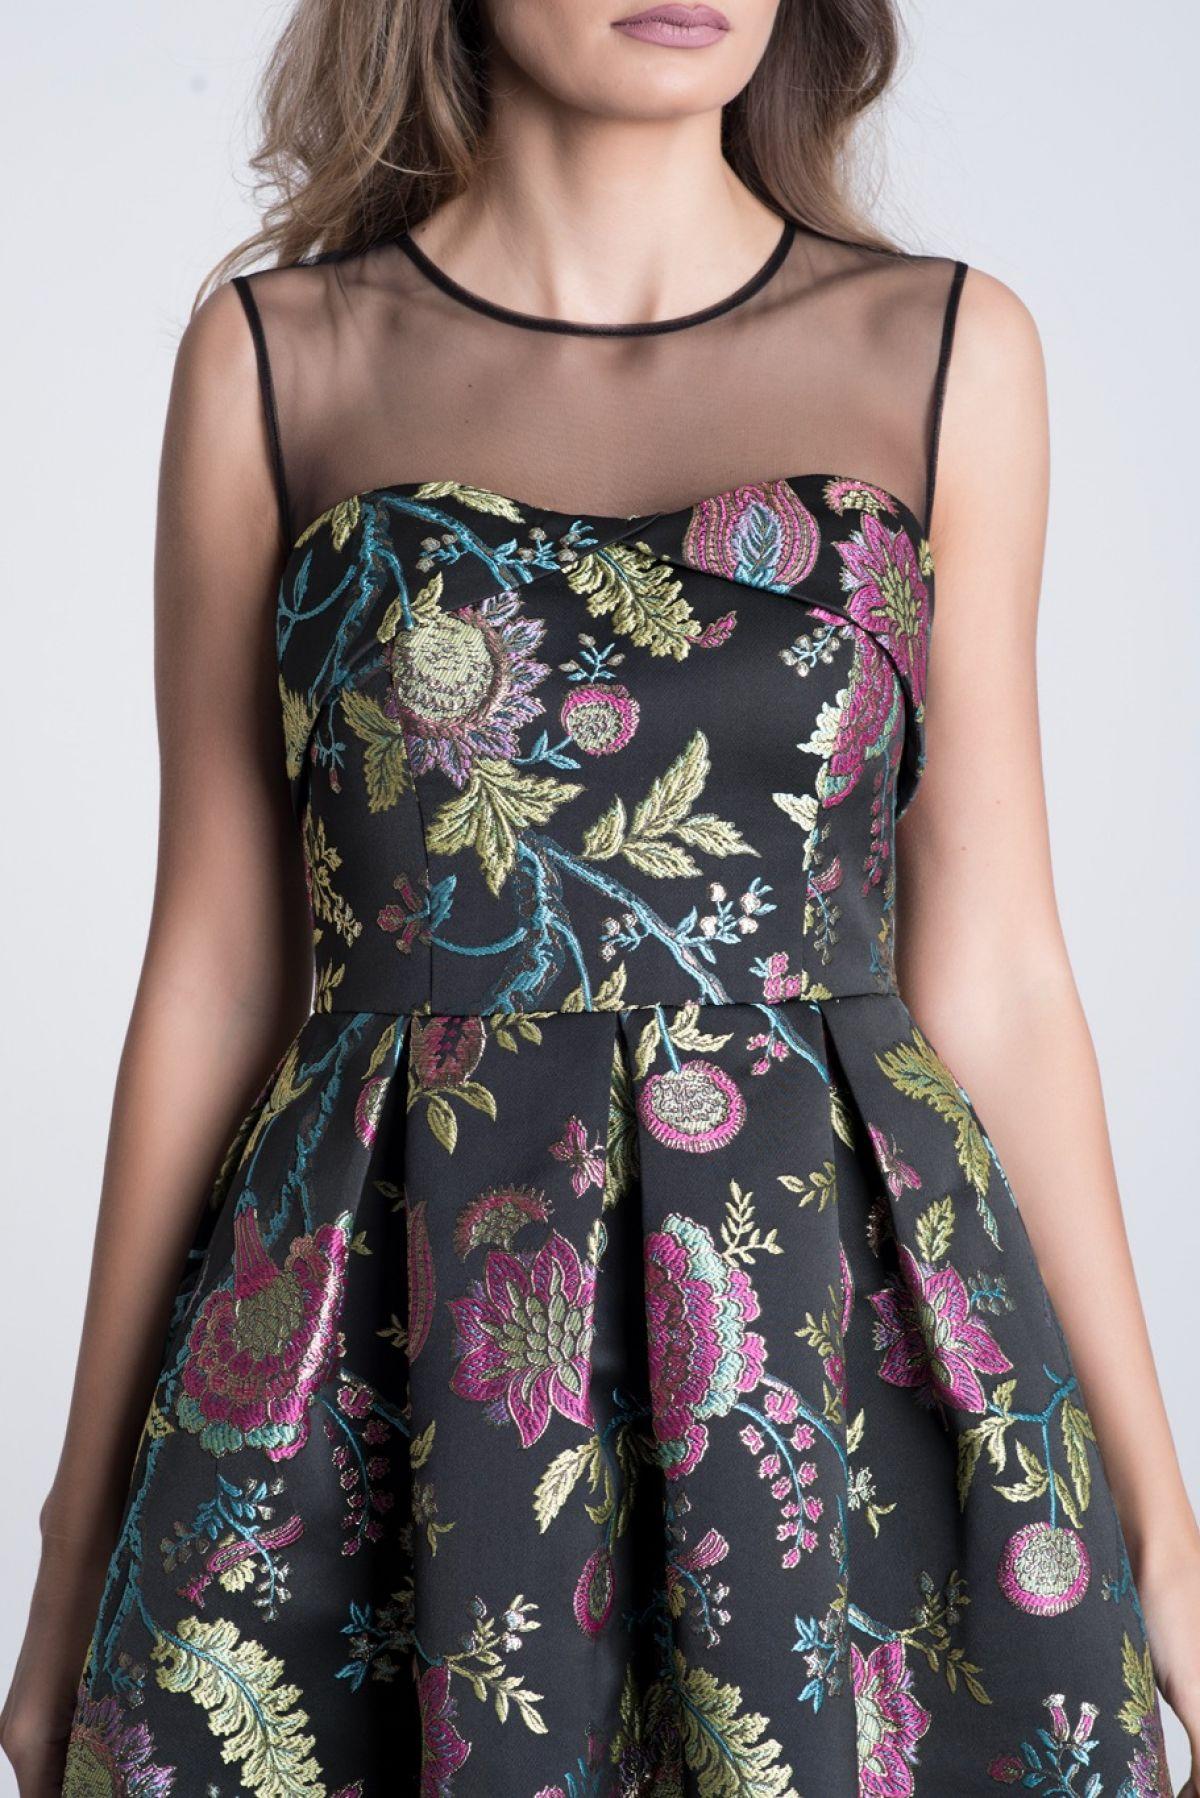 Rochie neagra din jacquard cu print floral corai-verde